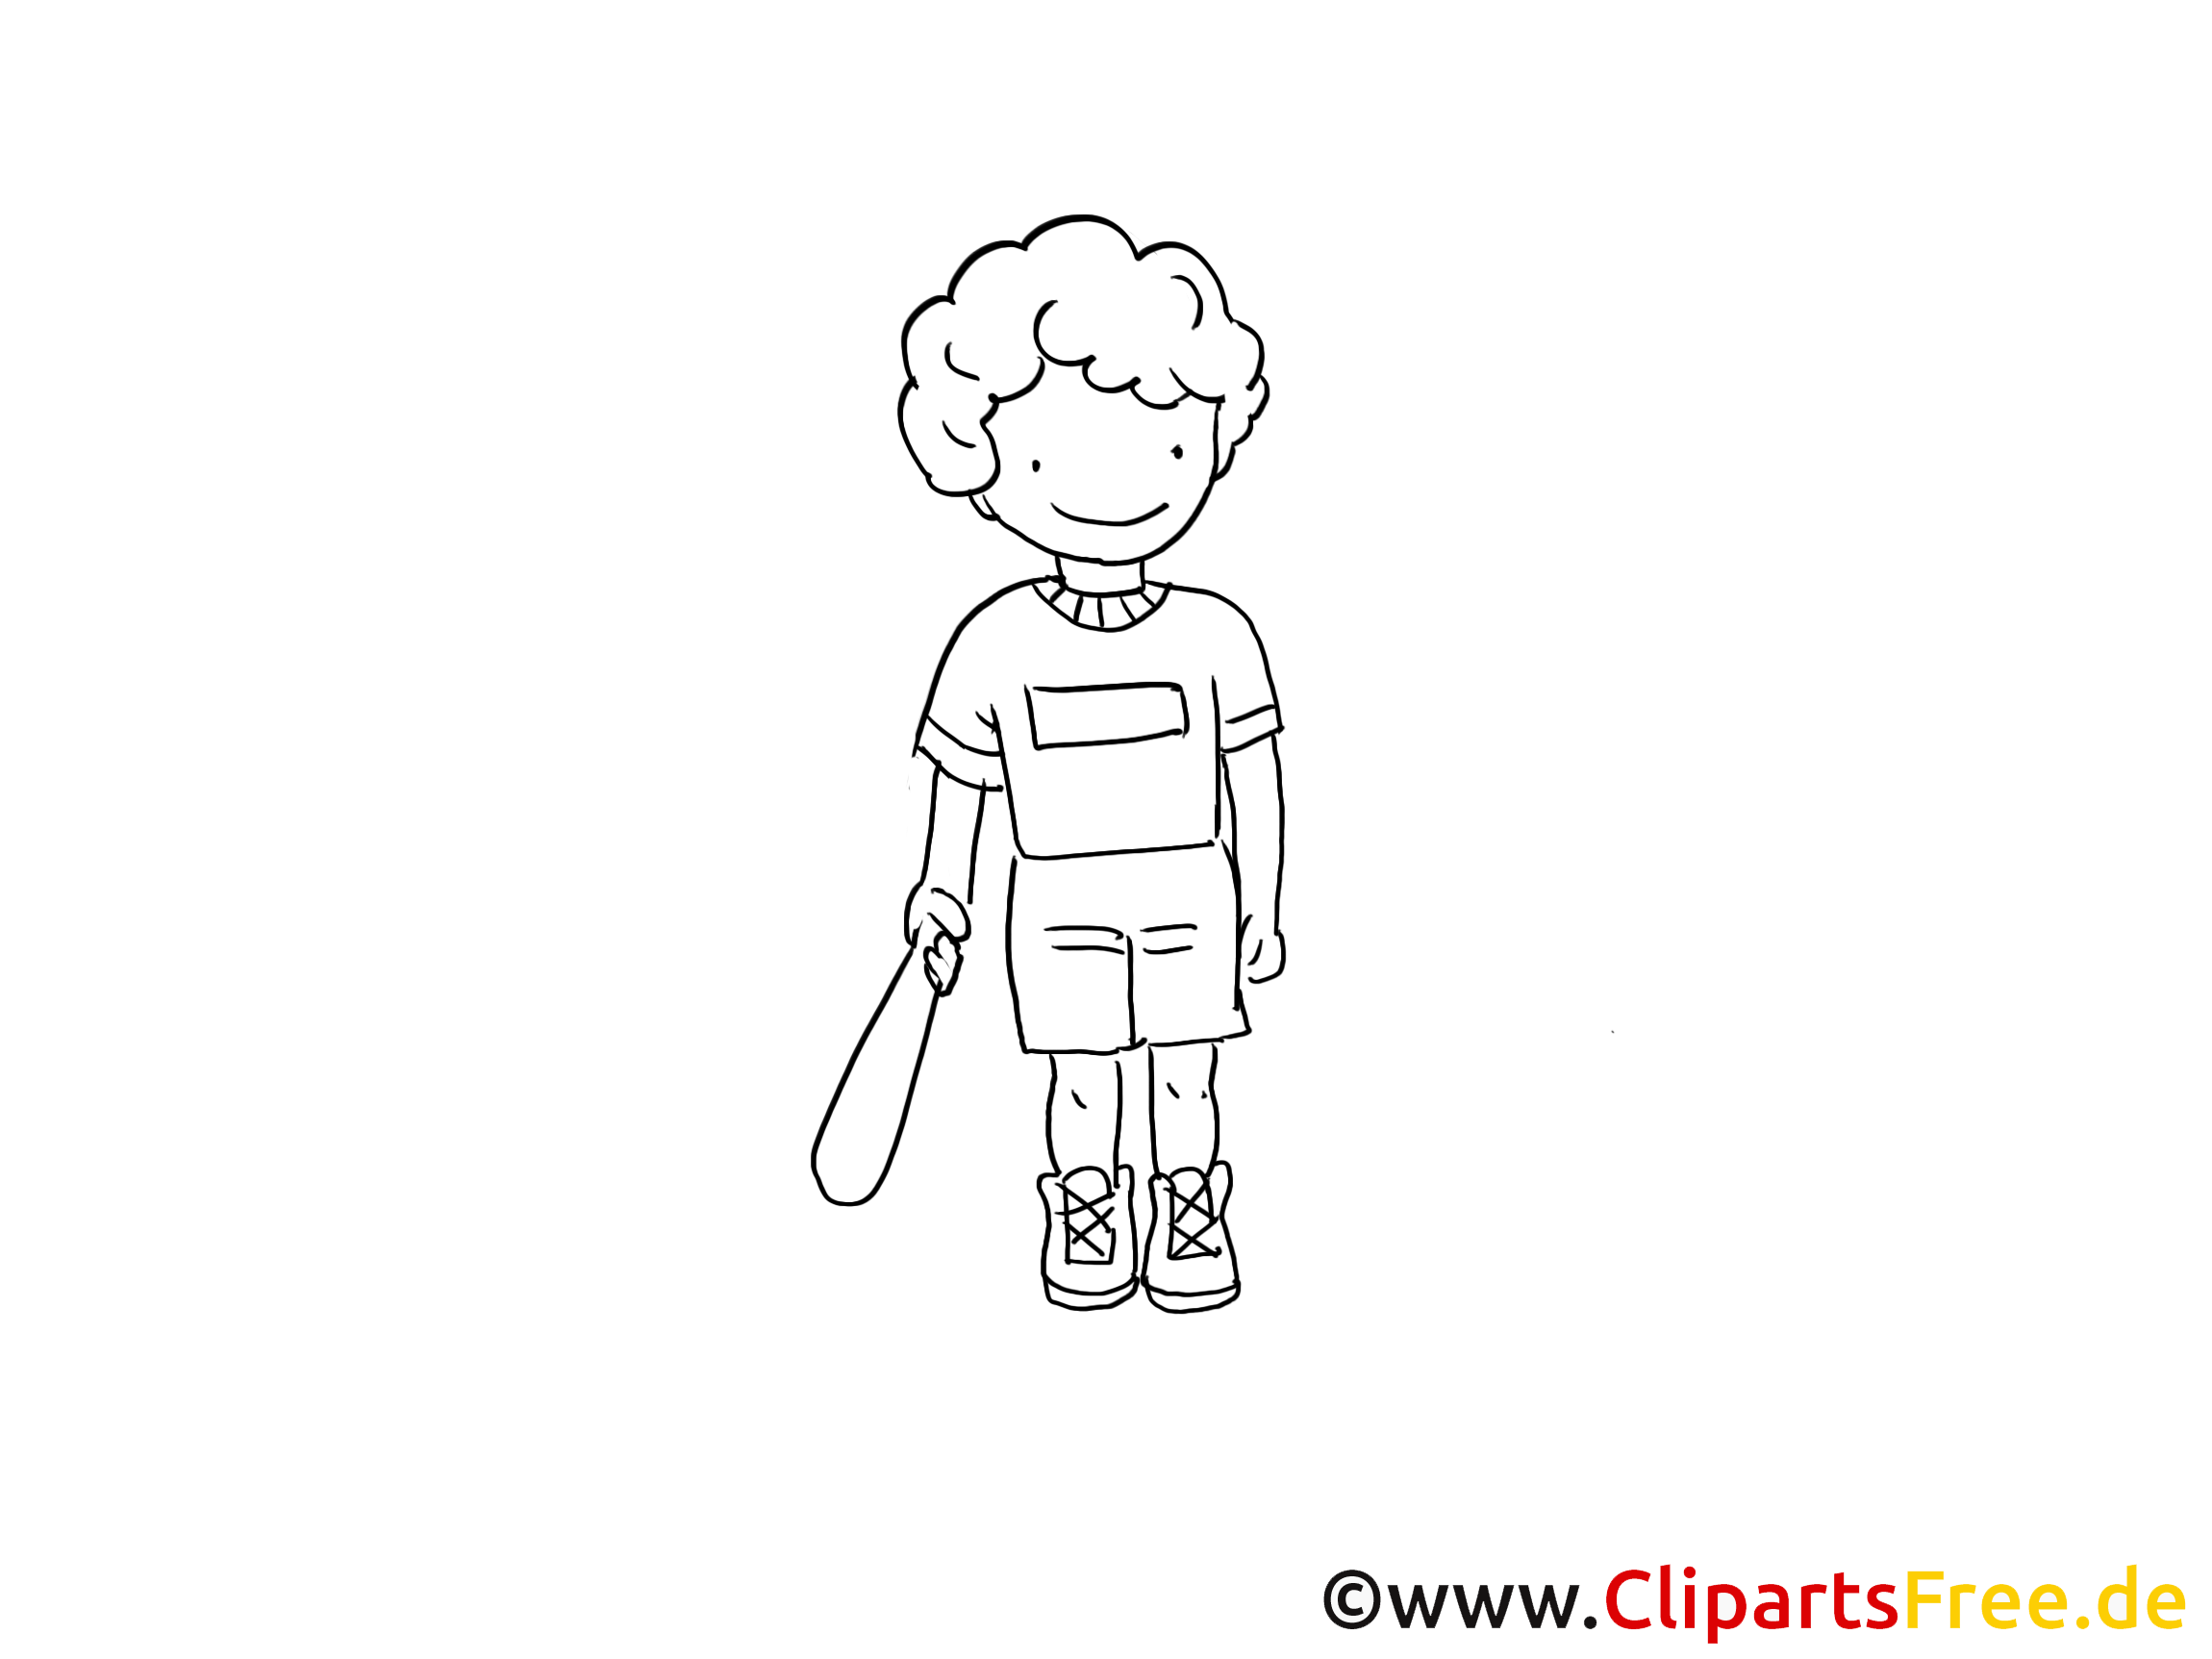 Beyzbol çizim siyah ve beyaz, resim, küçük resim, çizgi film, çizim karikatür